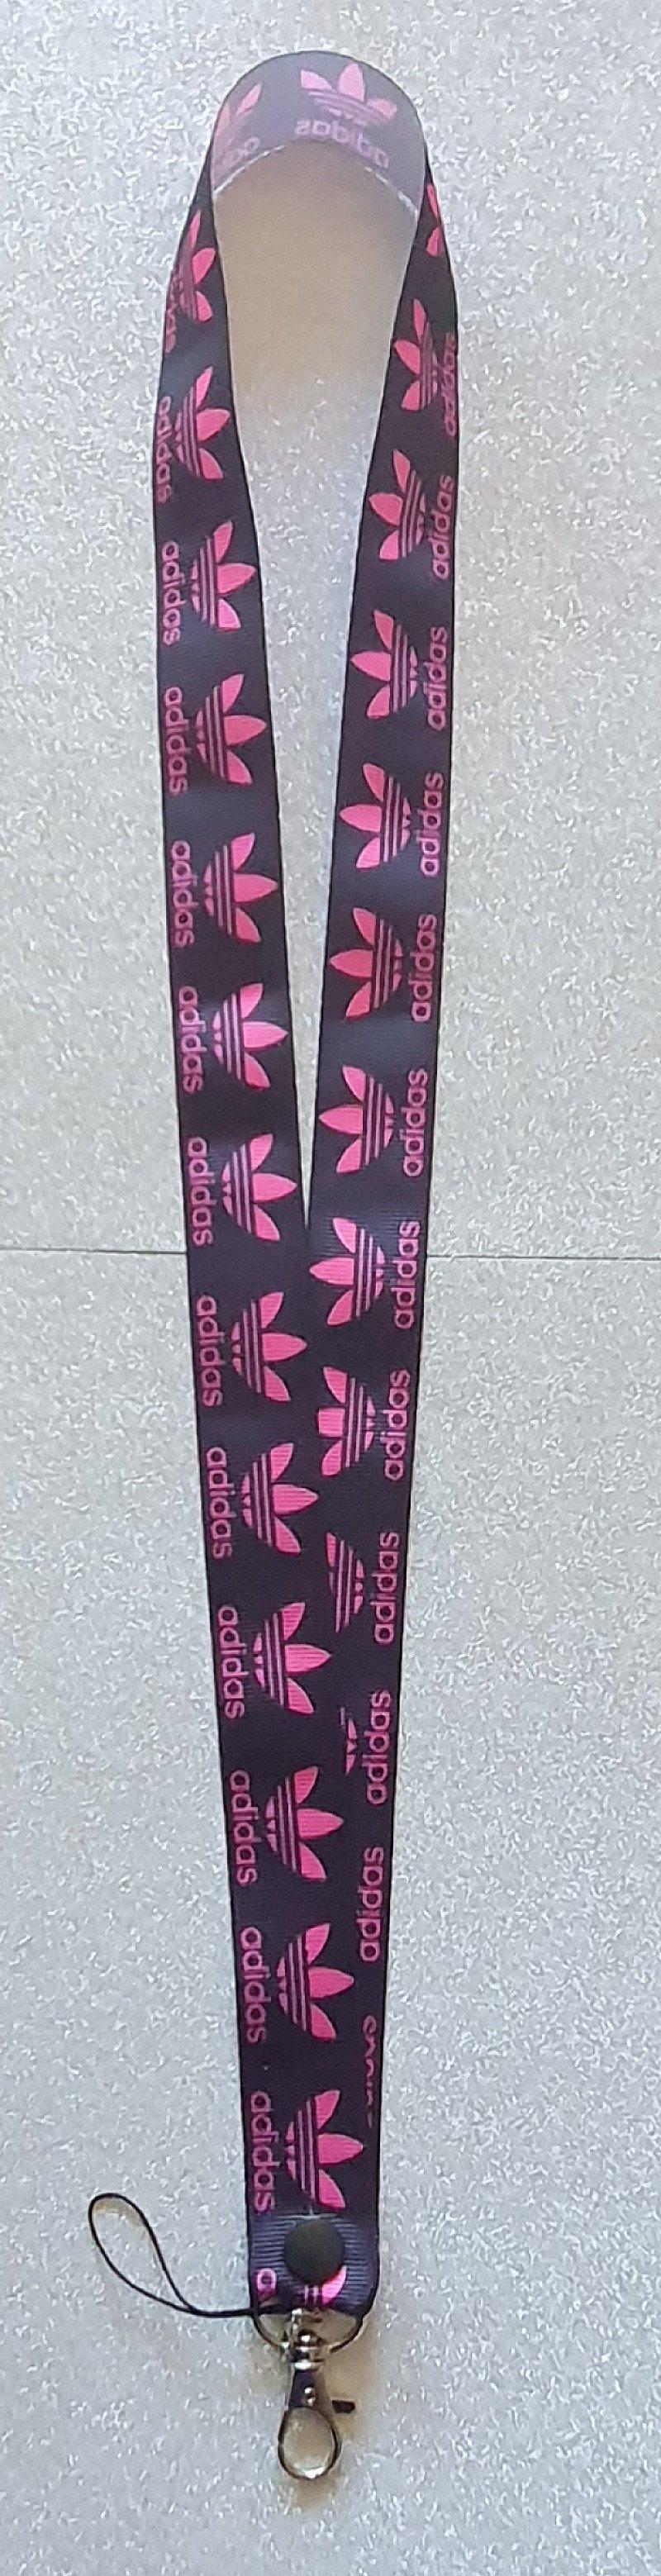 Adidas Lanyard Id Badge Holder